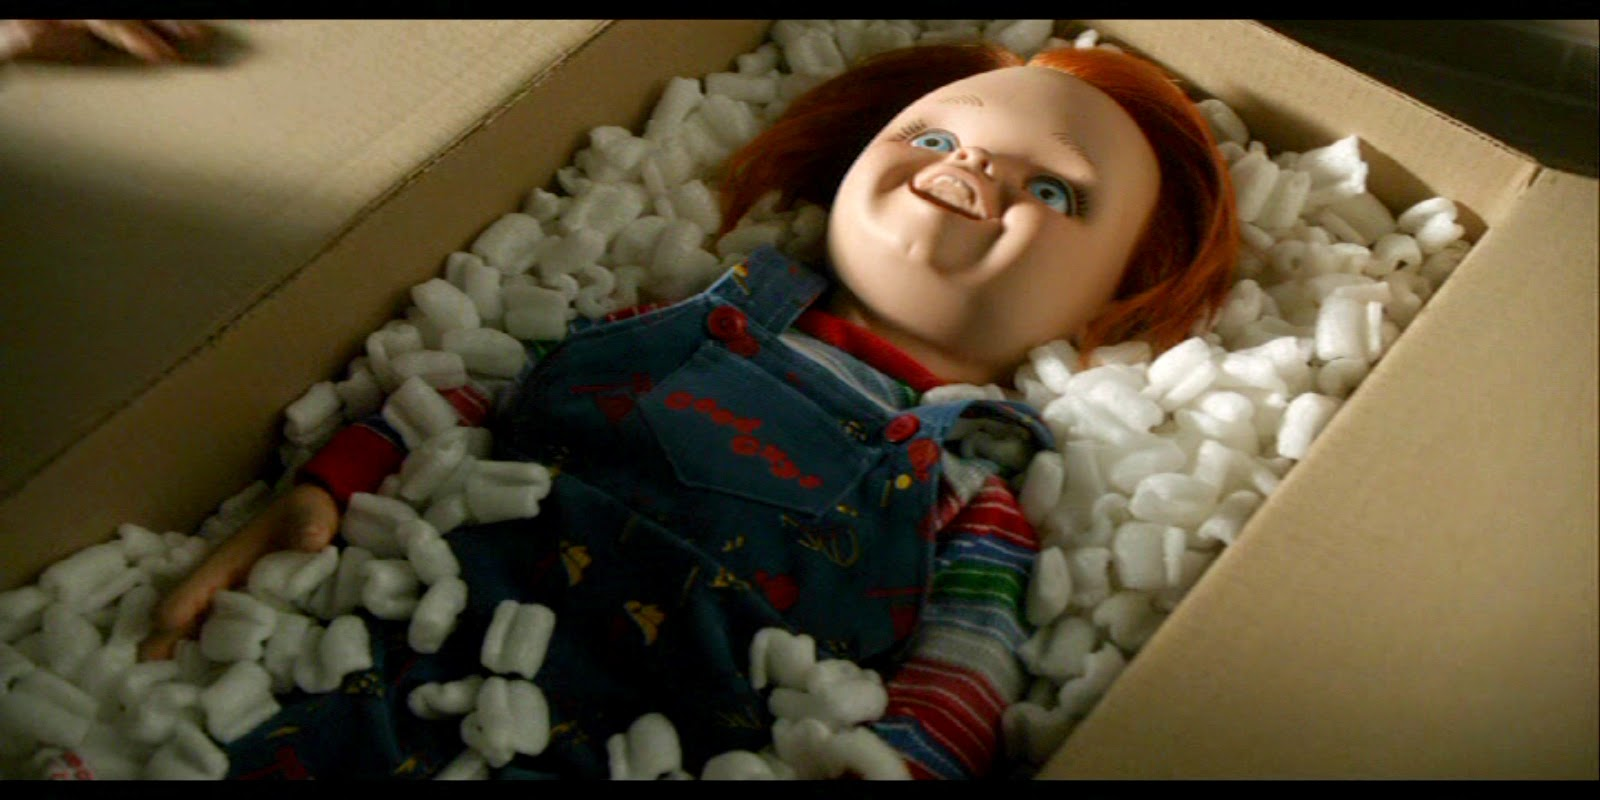 Jack Boneco Assassino Good brinquedo assassino no cinema - tudosobreseufilme